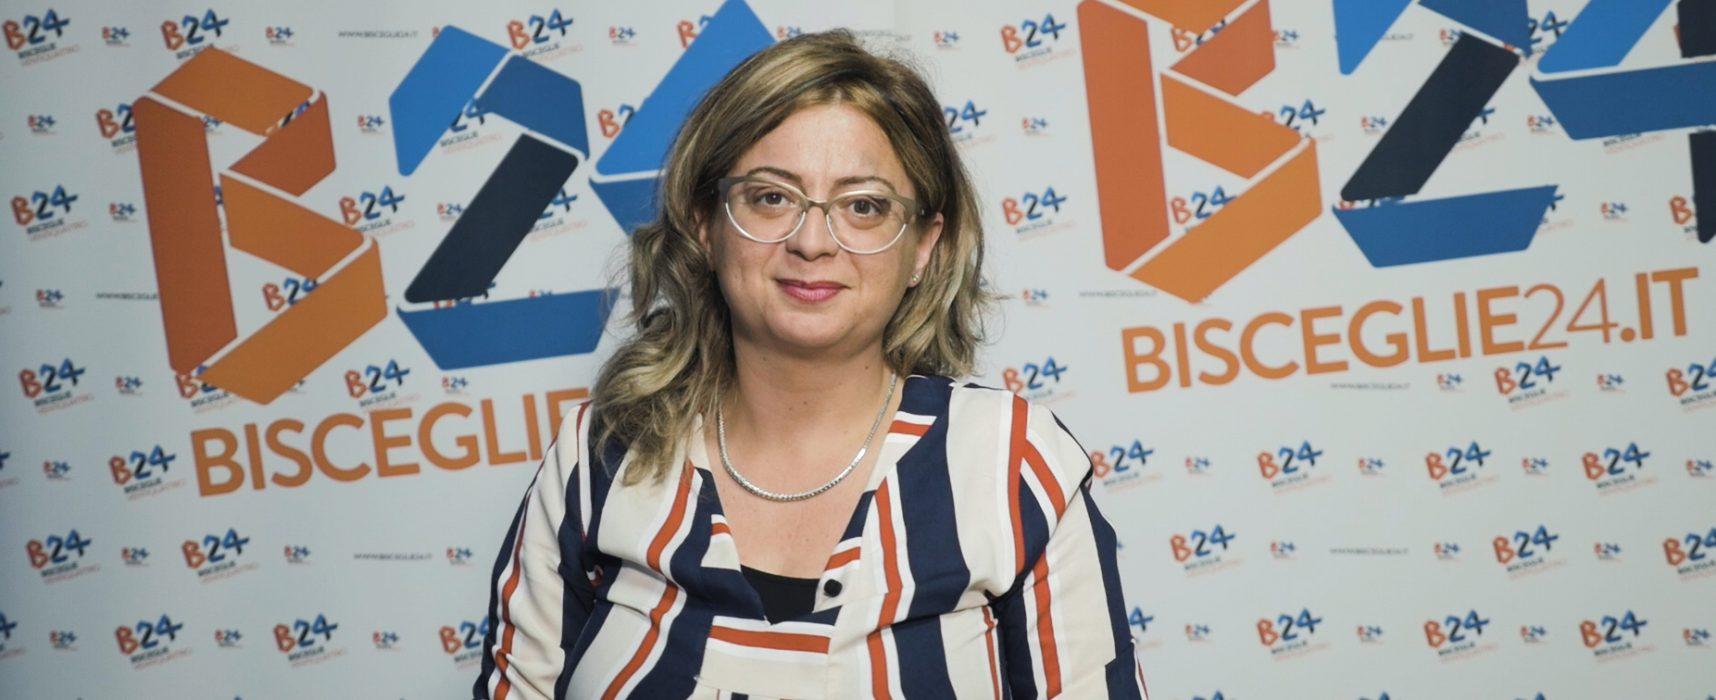 """""""Consiglieri 24"""", la rubrica per conoscere i candidati / Giorgia Preziosa – VIDEO"""